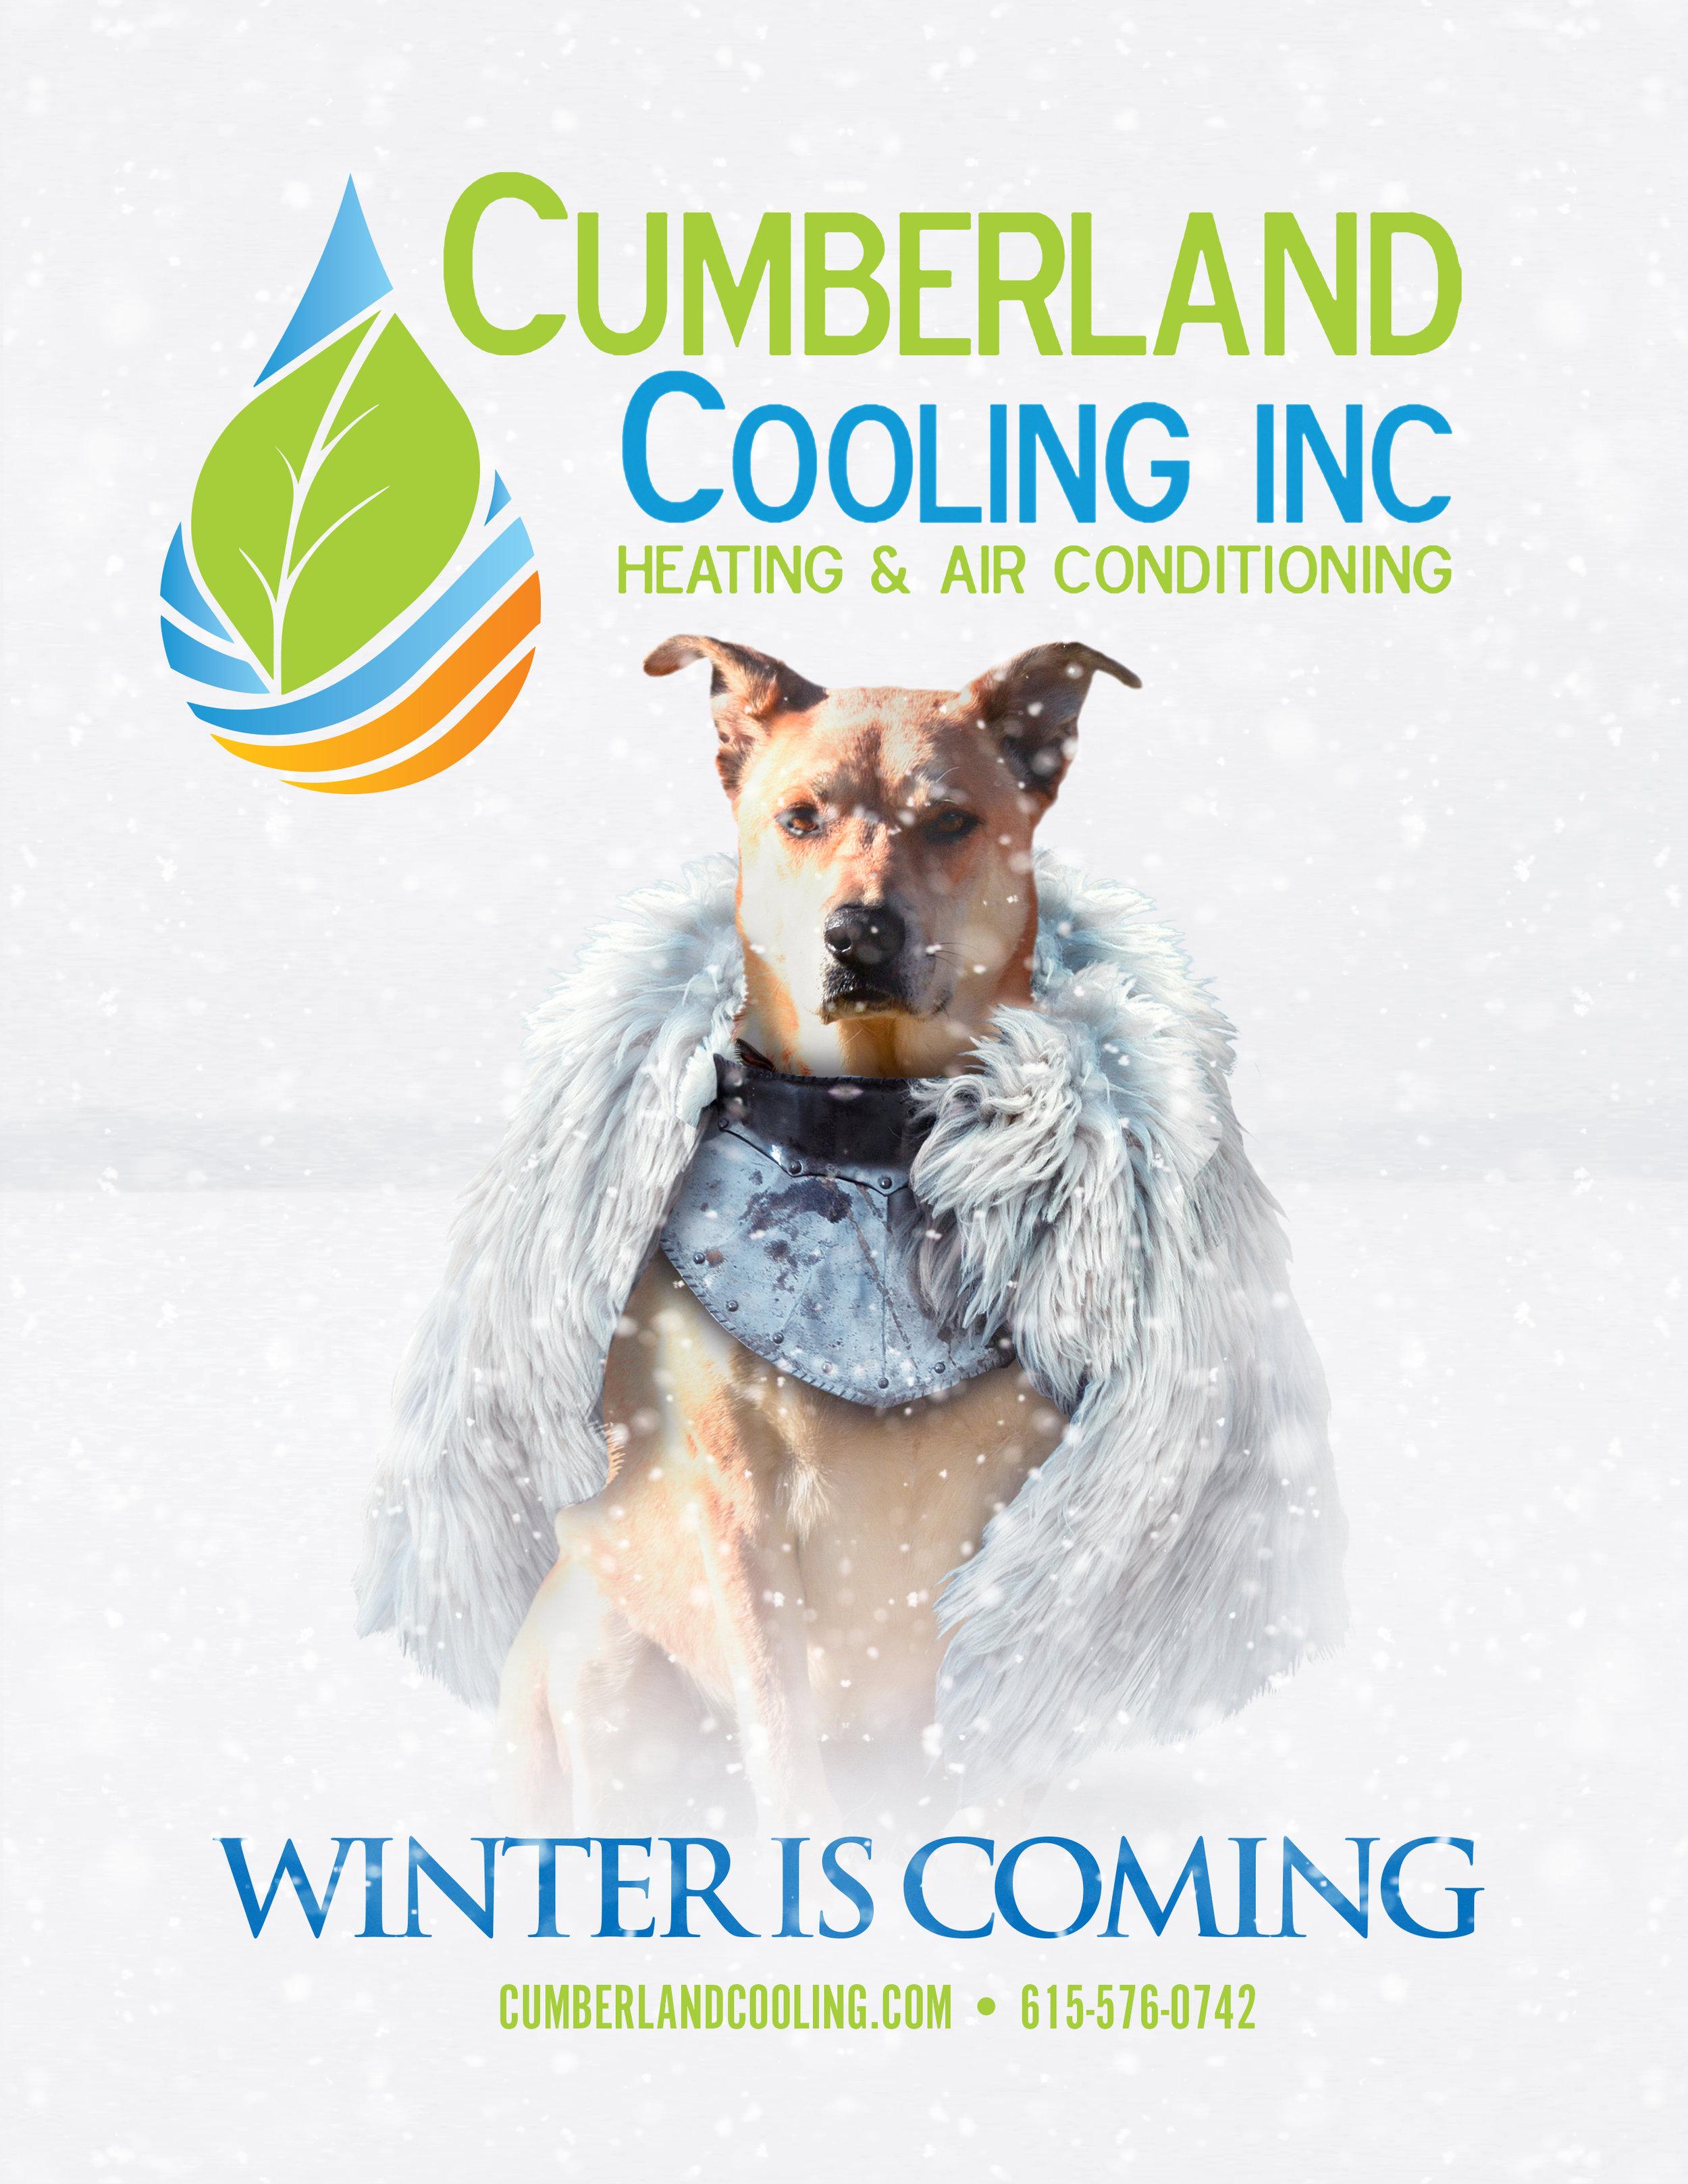 Cumberland Cooling